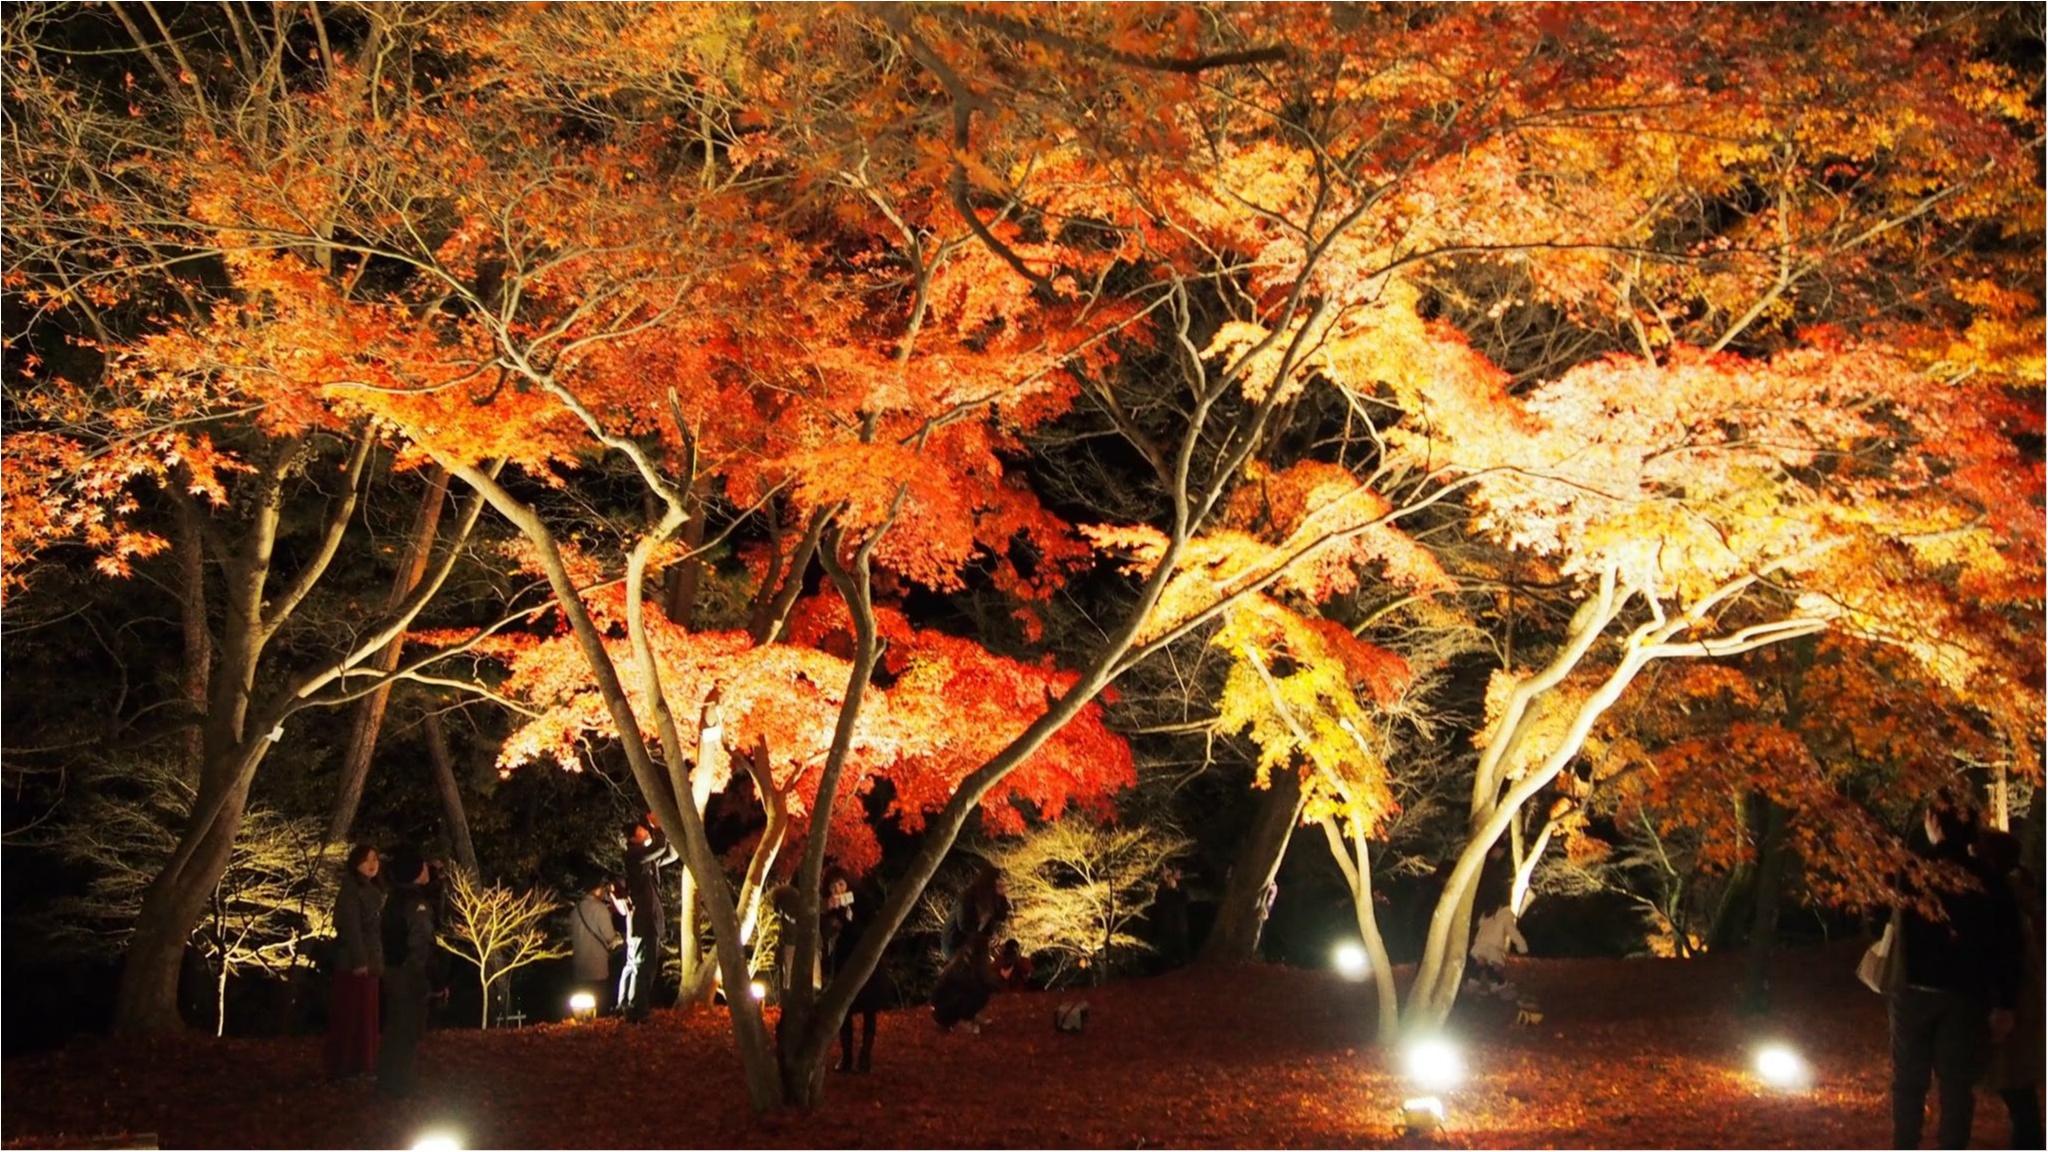 紅葉を満喫♩都心から二時間のとっておきの癒しスポット・秩父長瀞へ!_10